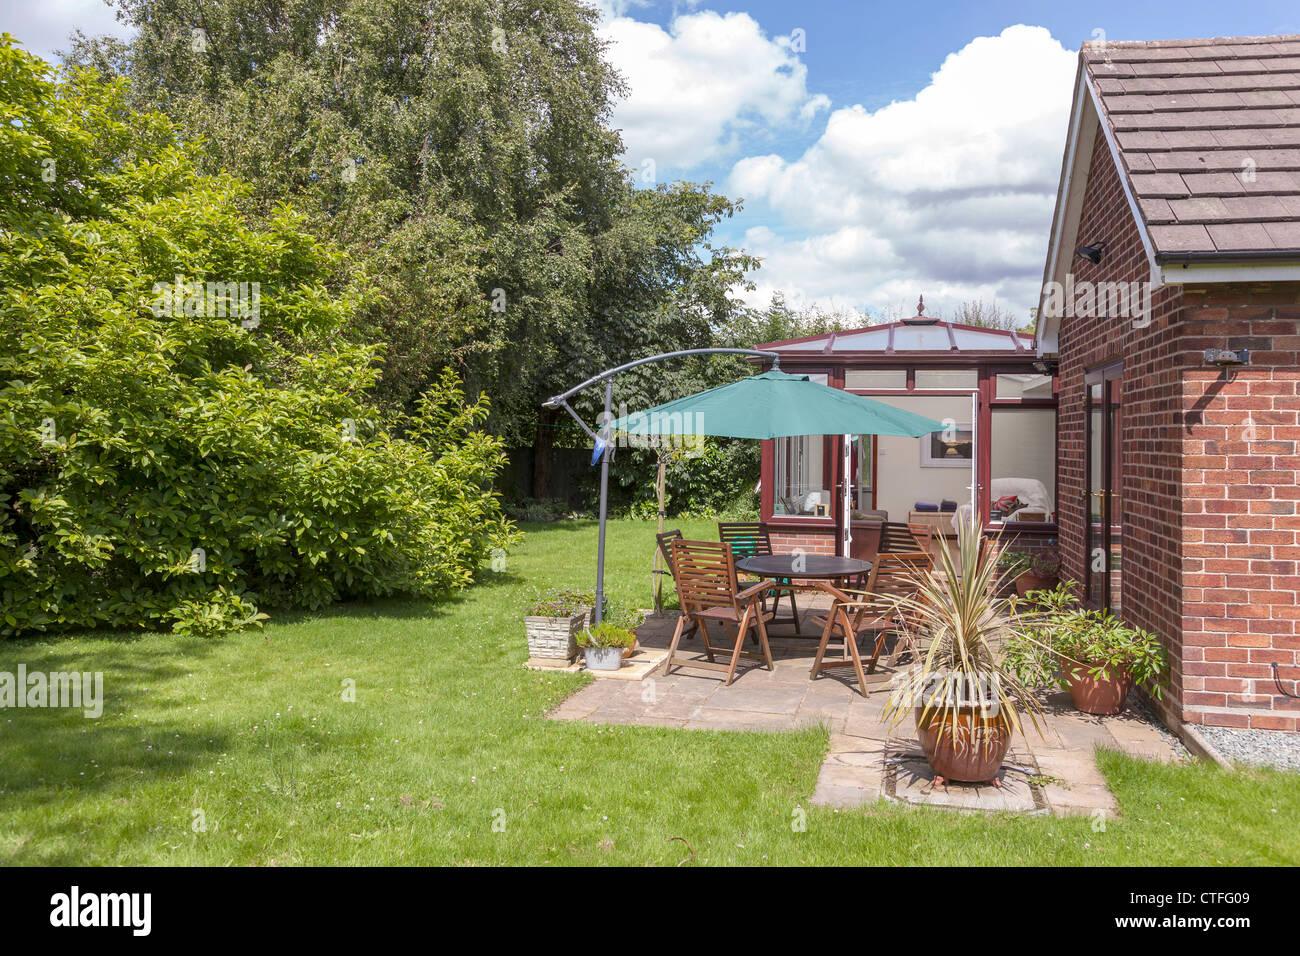 Mittelklasse-Vorort englischer Garten mit Terrasse und Wintergarten. Stockbild